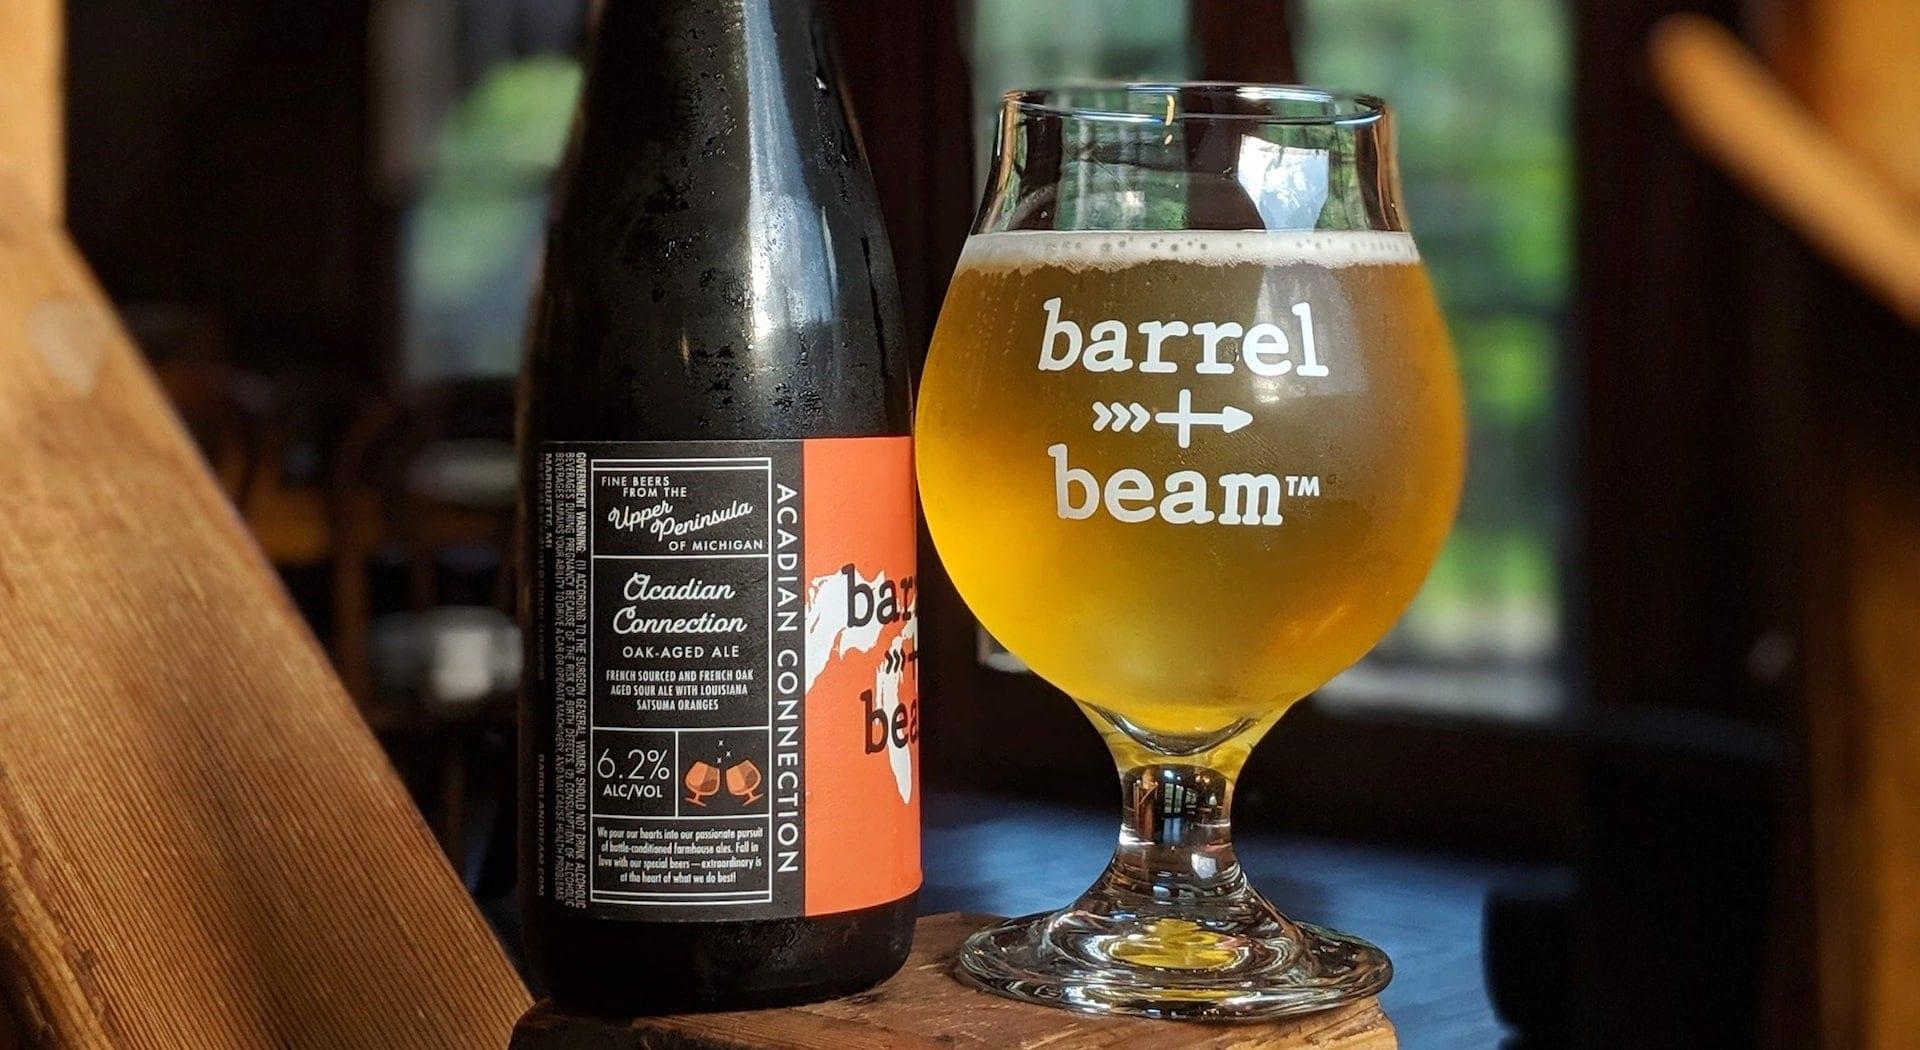 Barrel + Beam